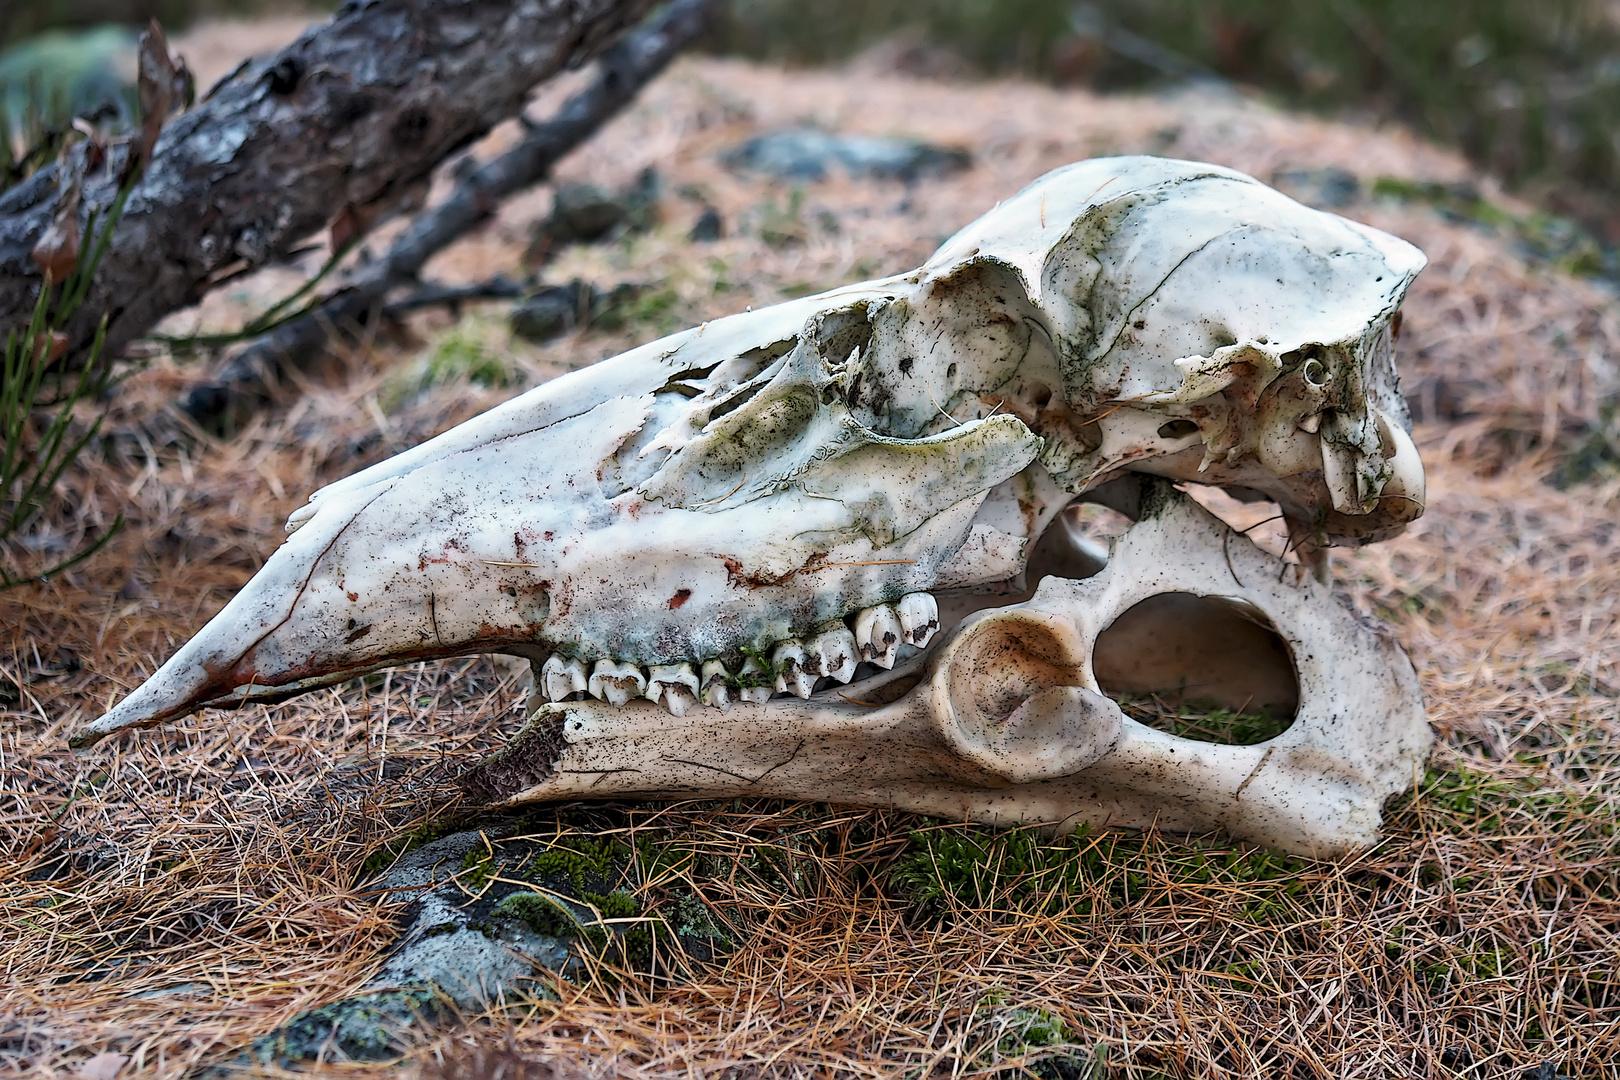 Schädel, Gebiss, Knochen... in einem abgelegenen Bergwald. Foto ...